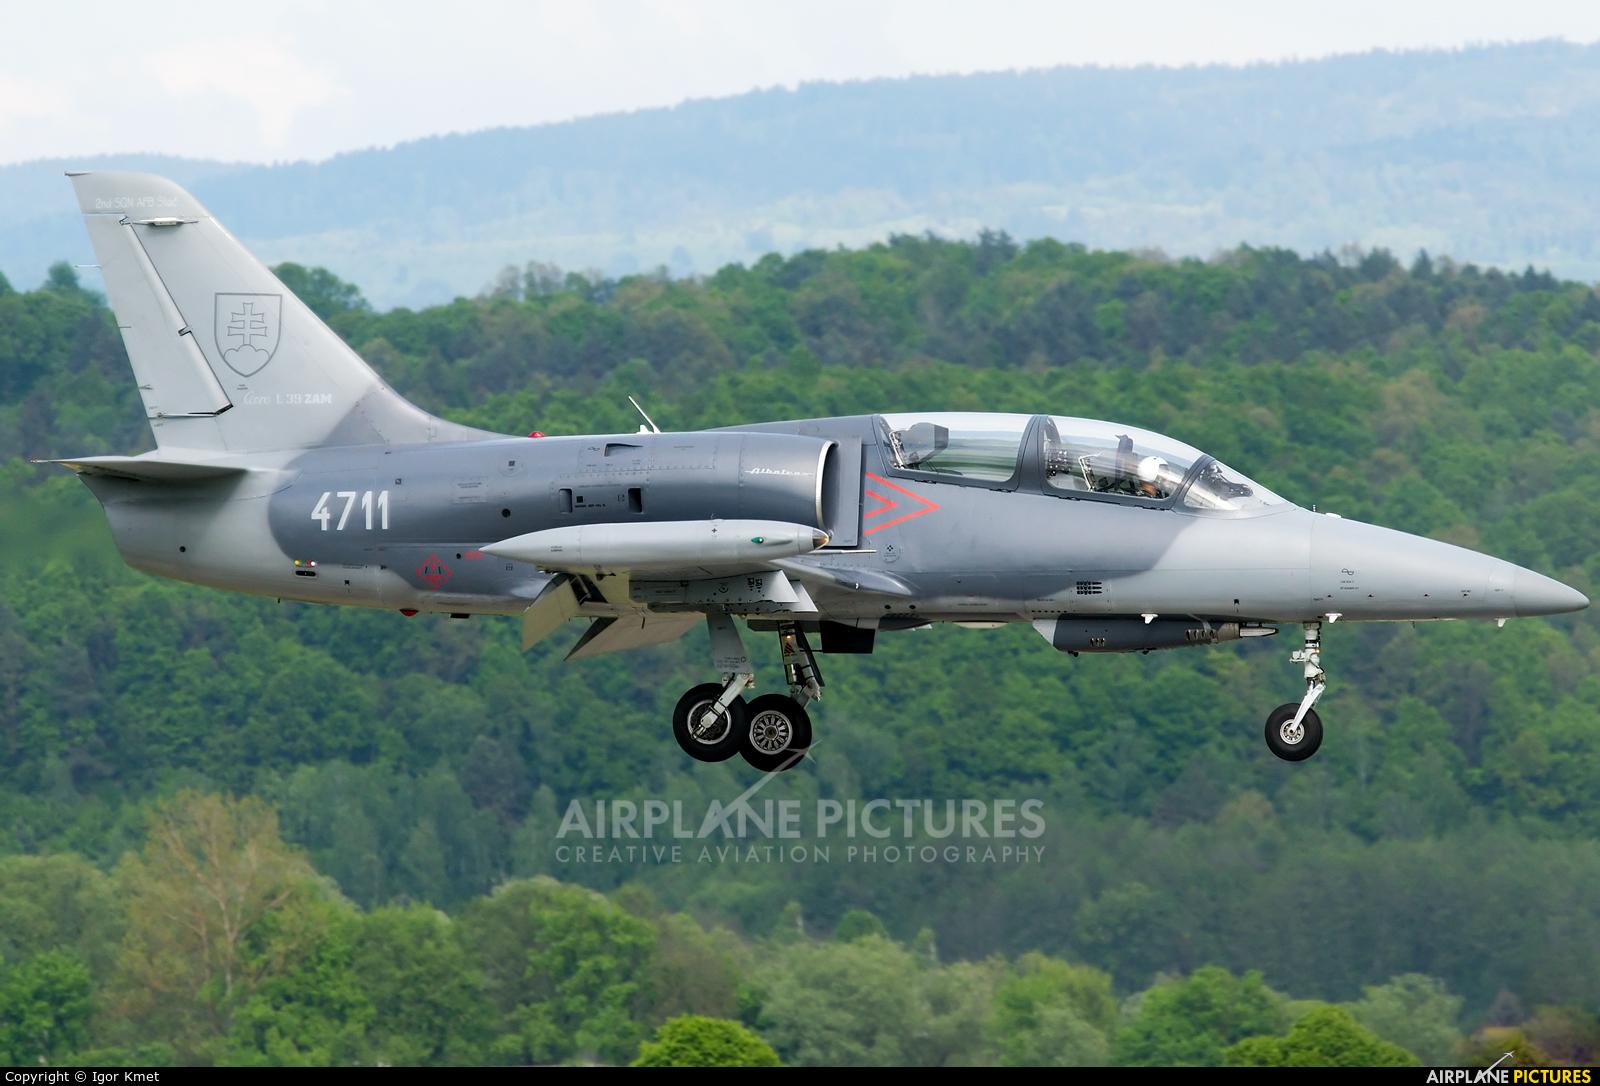 Slovakia -  Air Force 4711 aircraft at Sliač